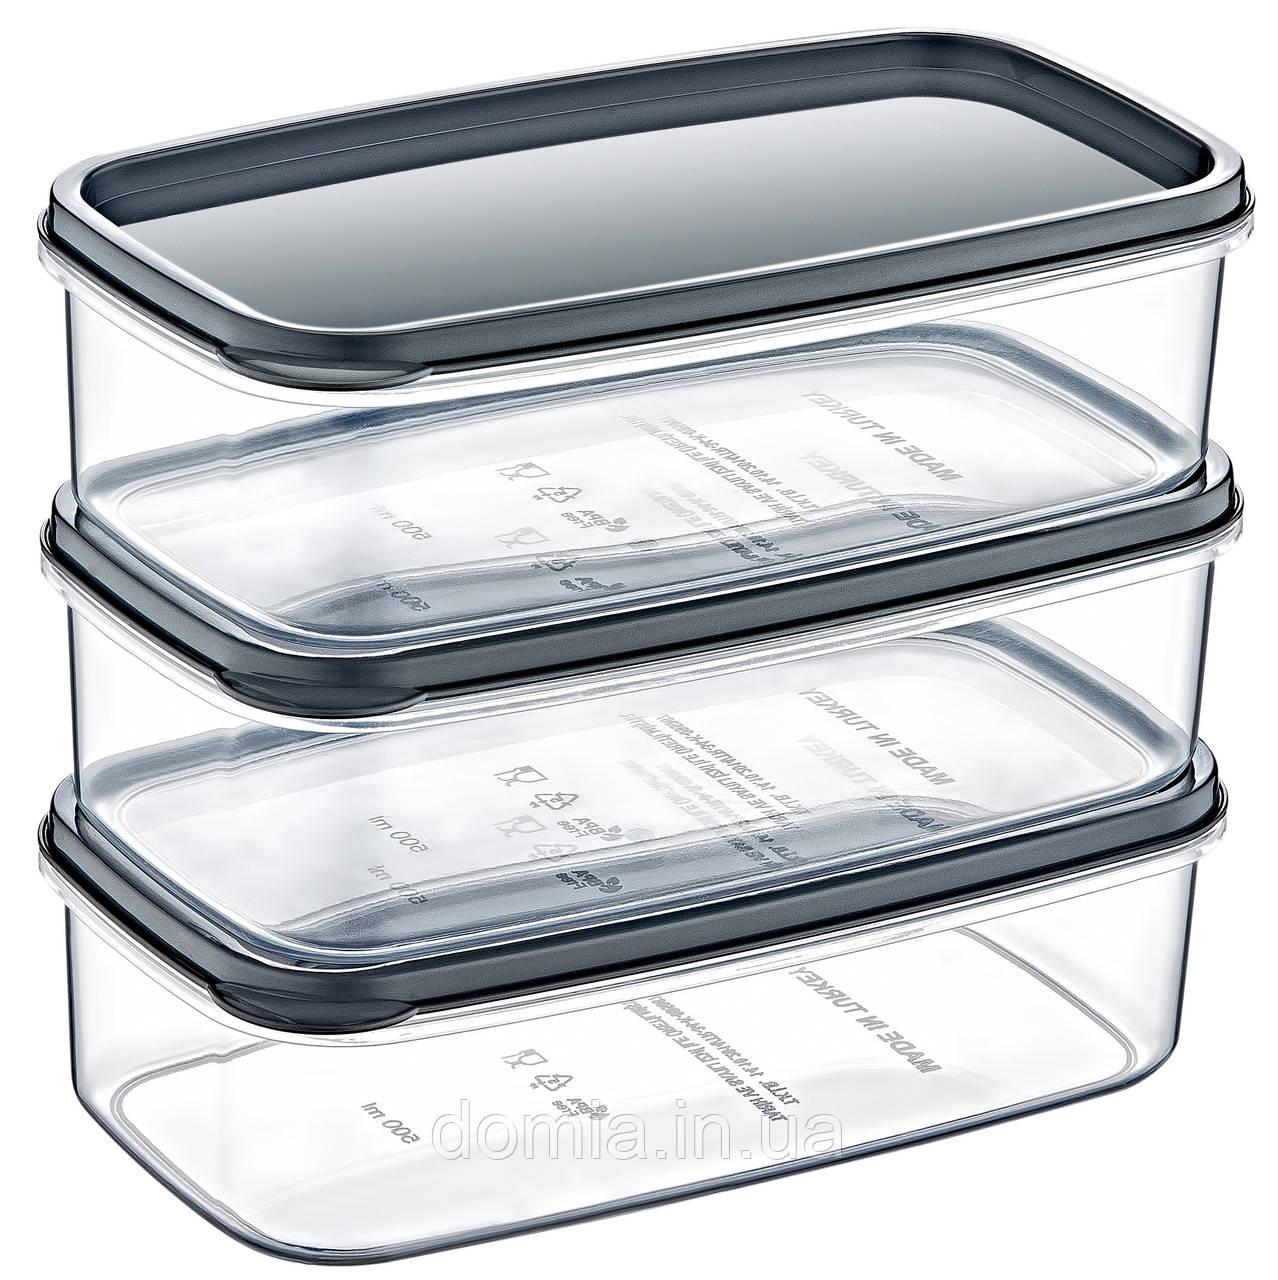 Набір 3-предметний контейнерів харчових прямокутних 0.5 л AKAY plastik, Туреччина